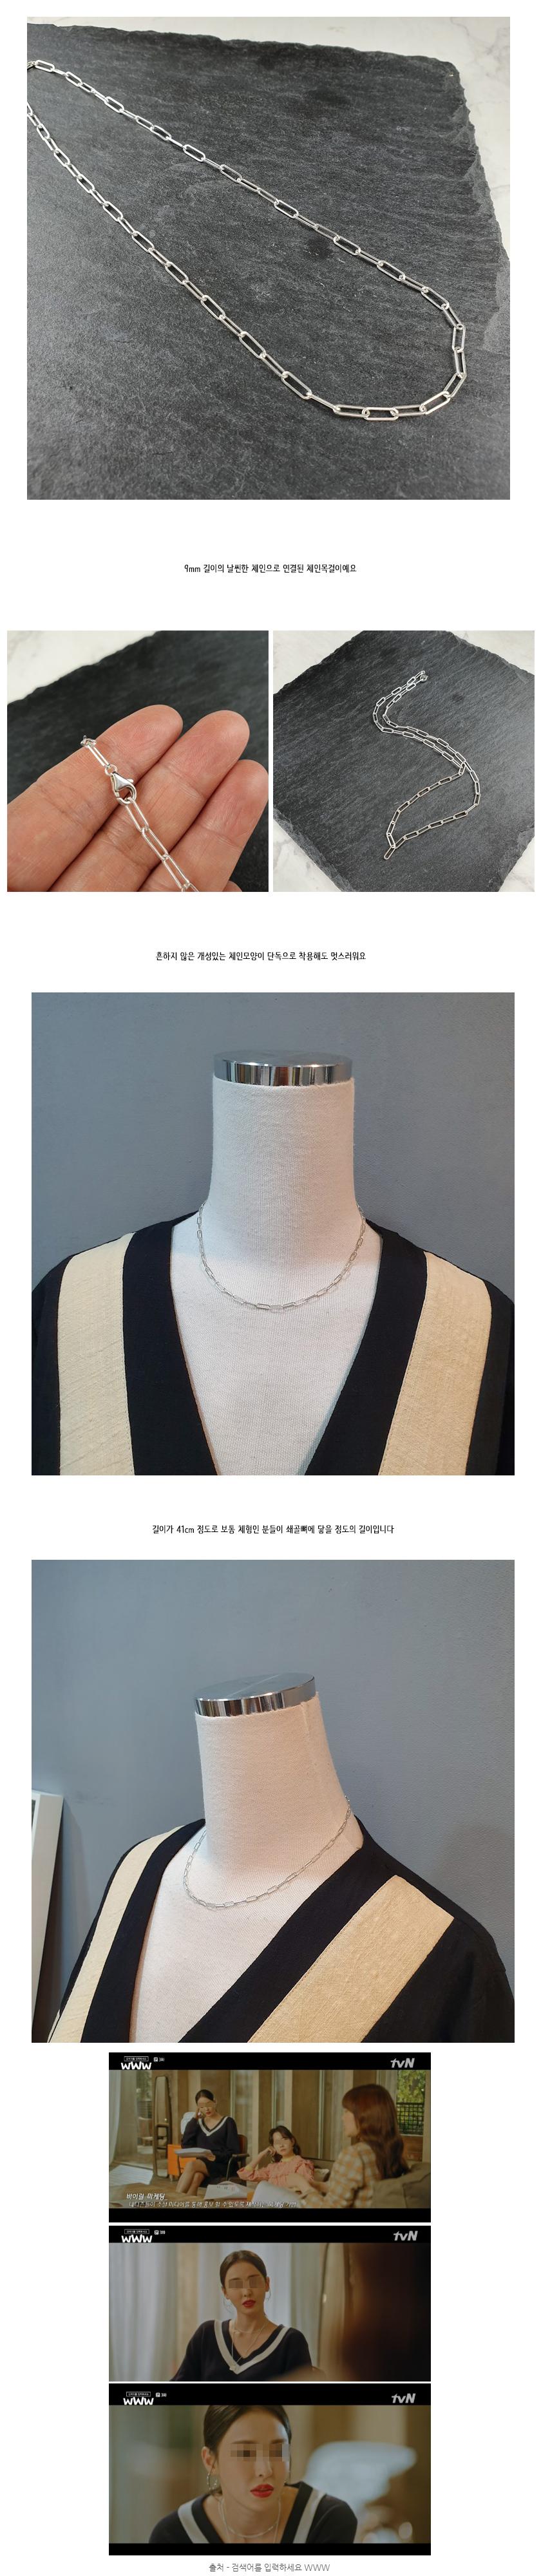 심플리 레이어드 실버 목걸이(2타입) - 돌체오라, 30,000원, 실버, 펜던트목걸이